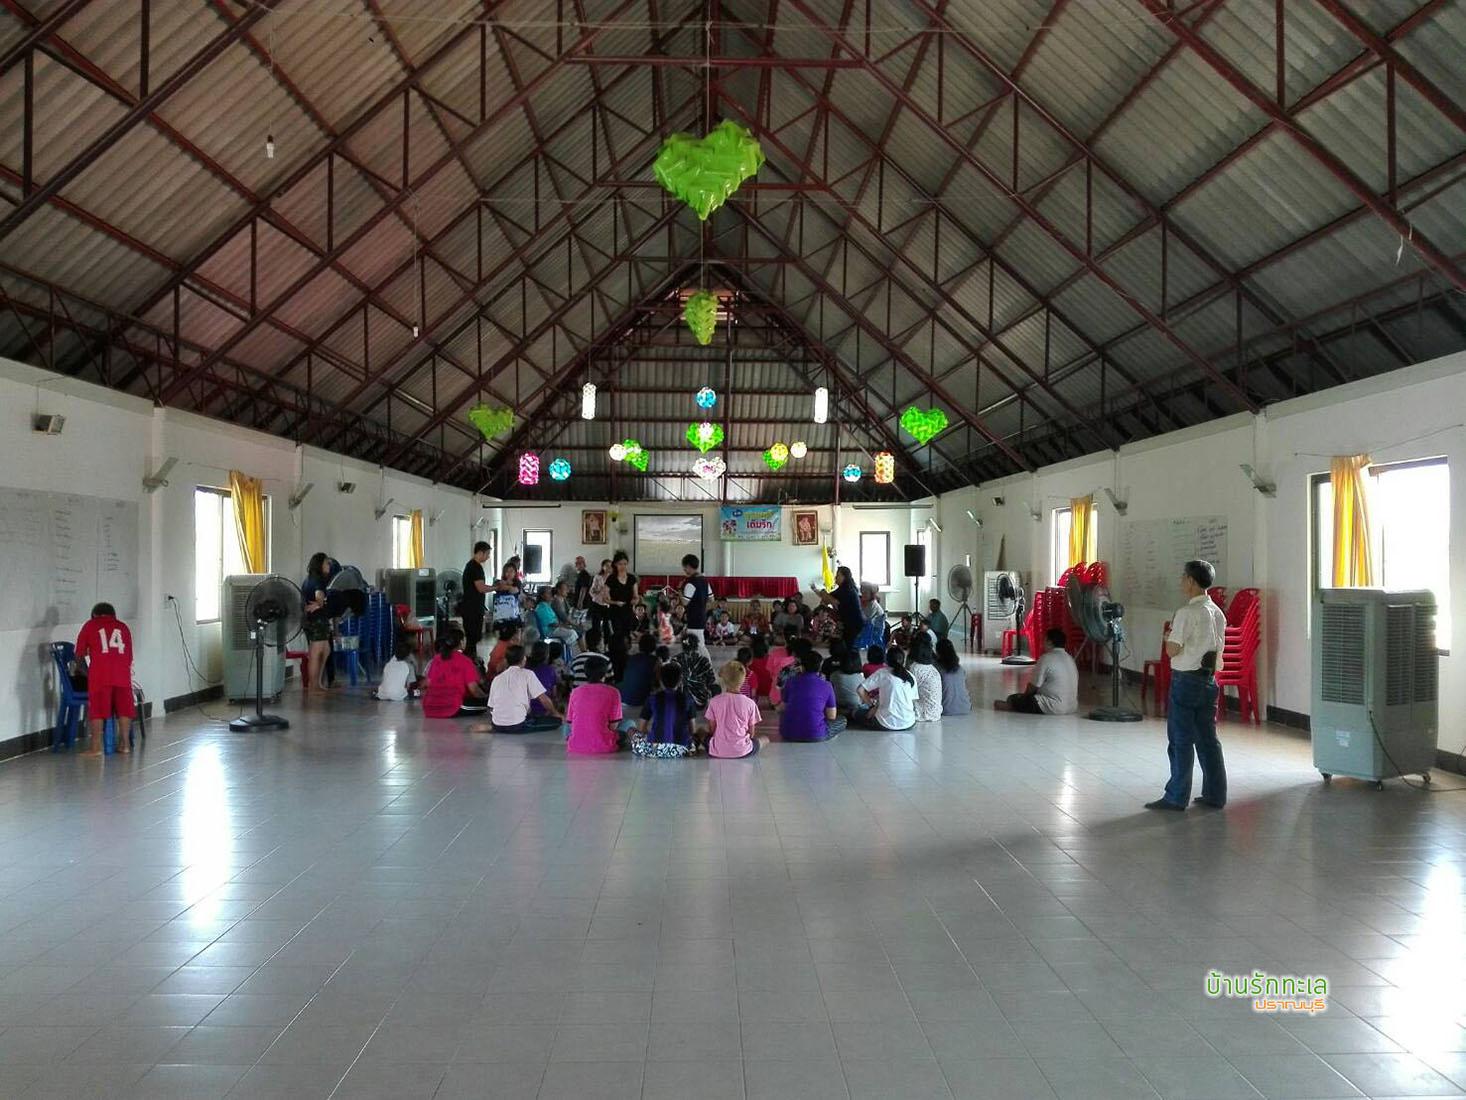 ห้องประชุมพัดลม ที่พักติดทะเล ปราณบุรี